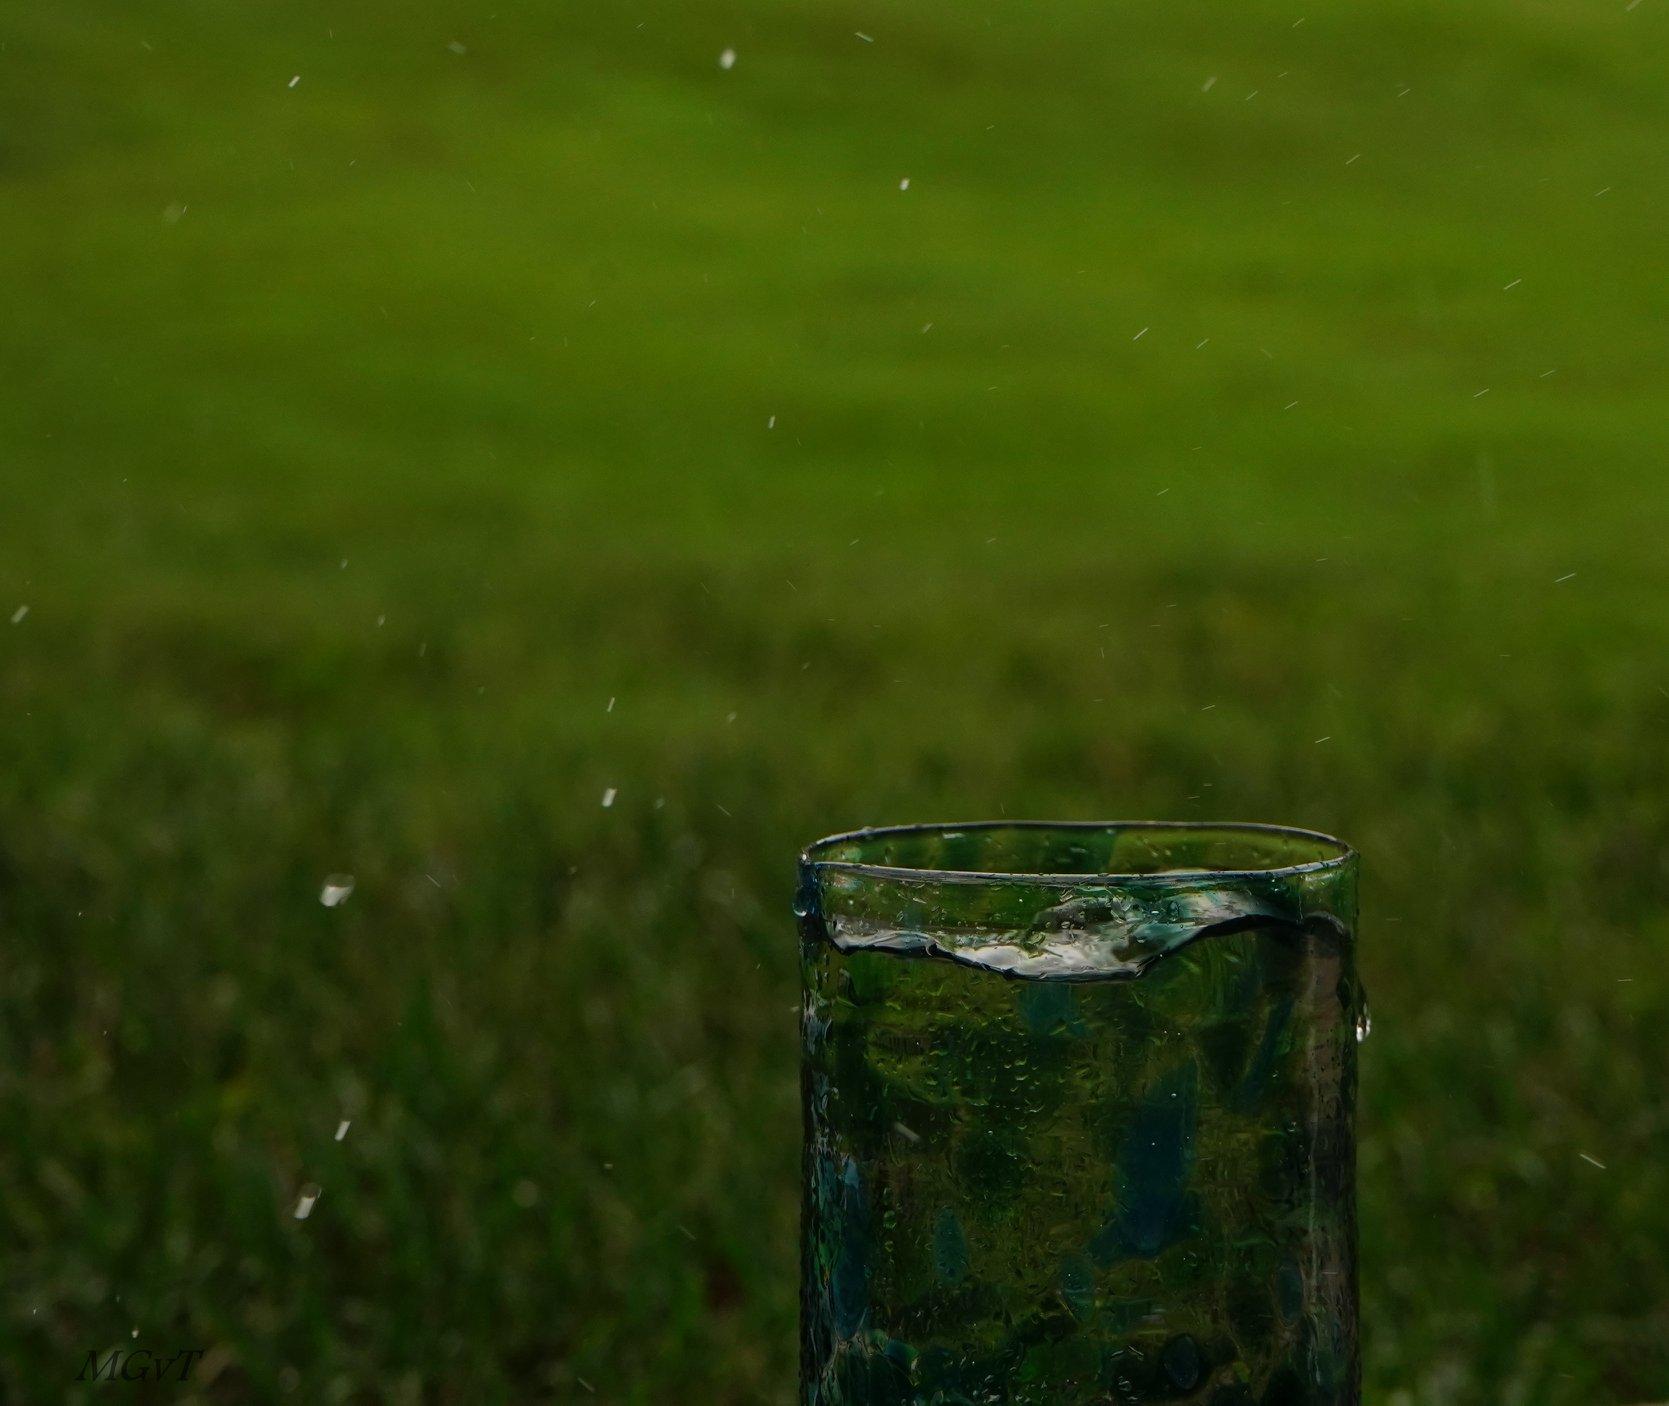 Glass in Rain